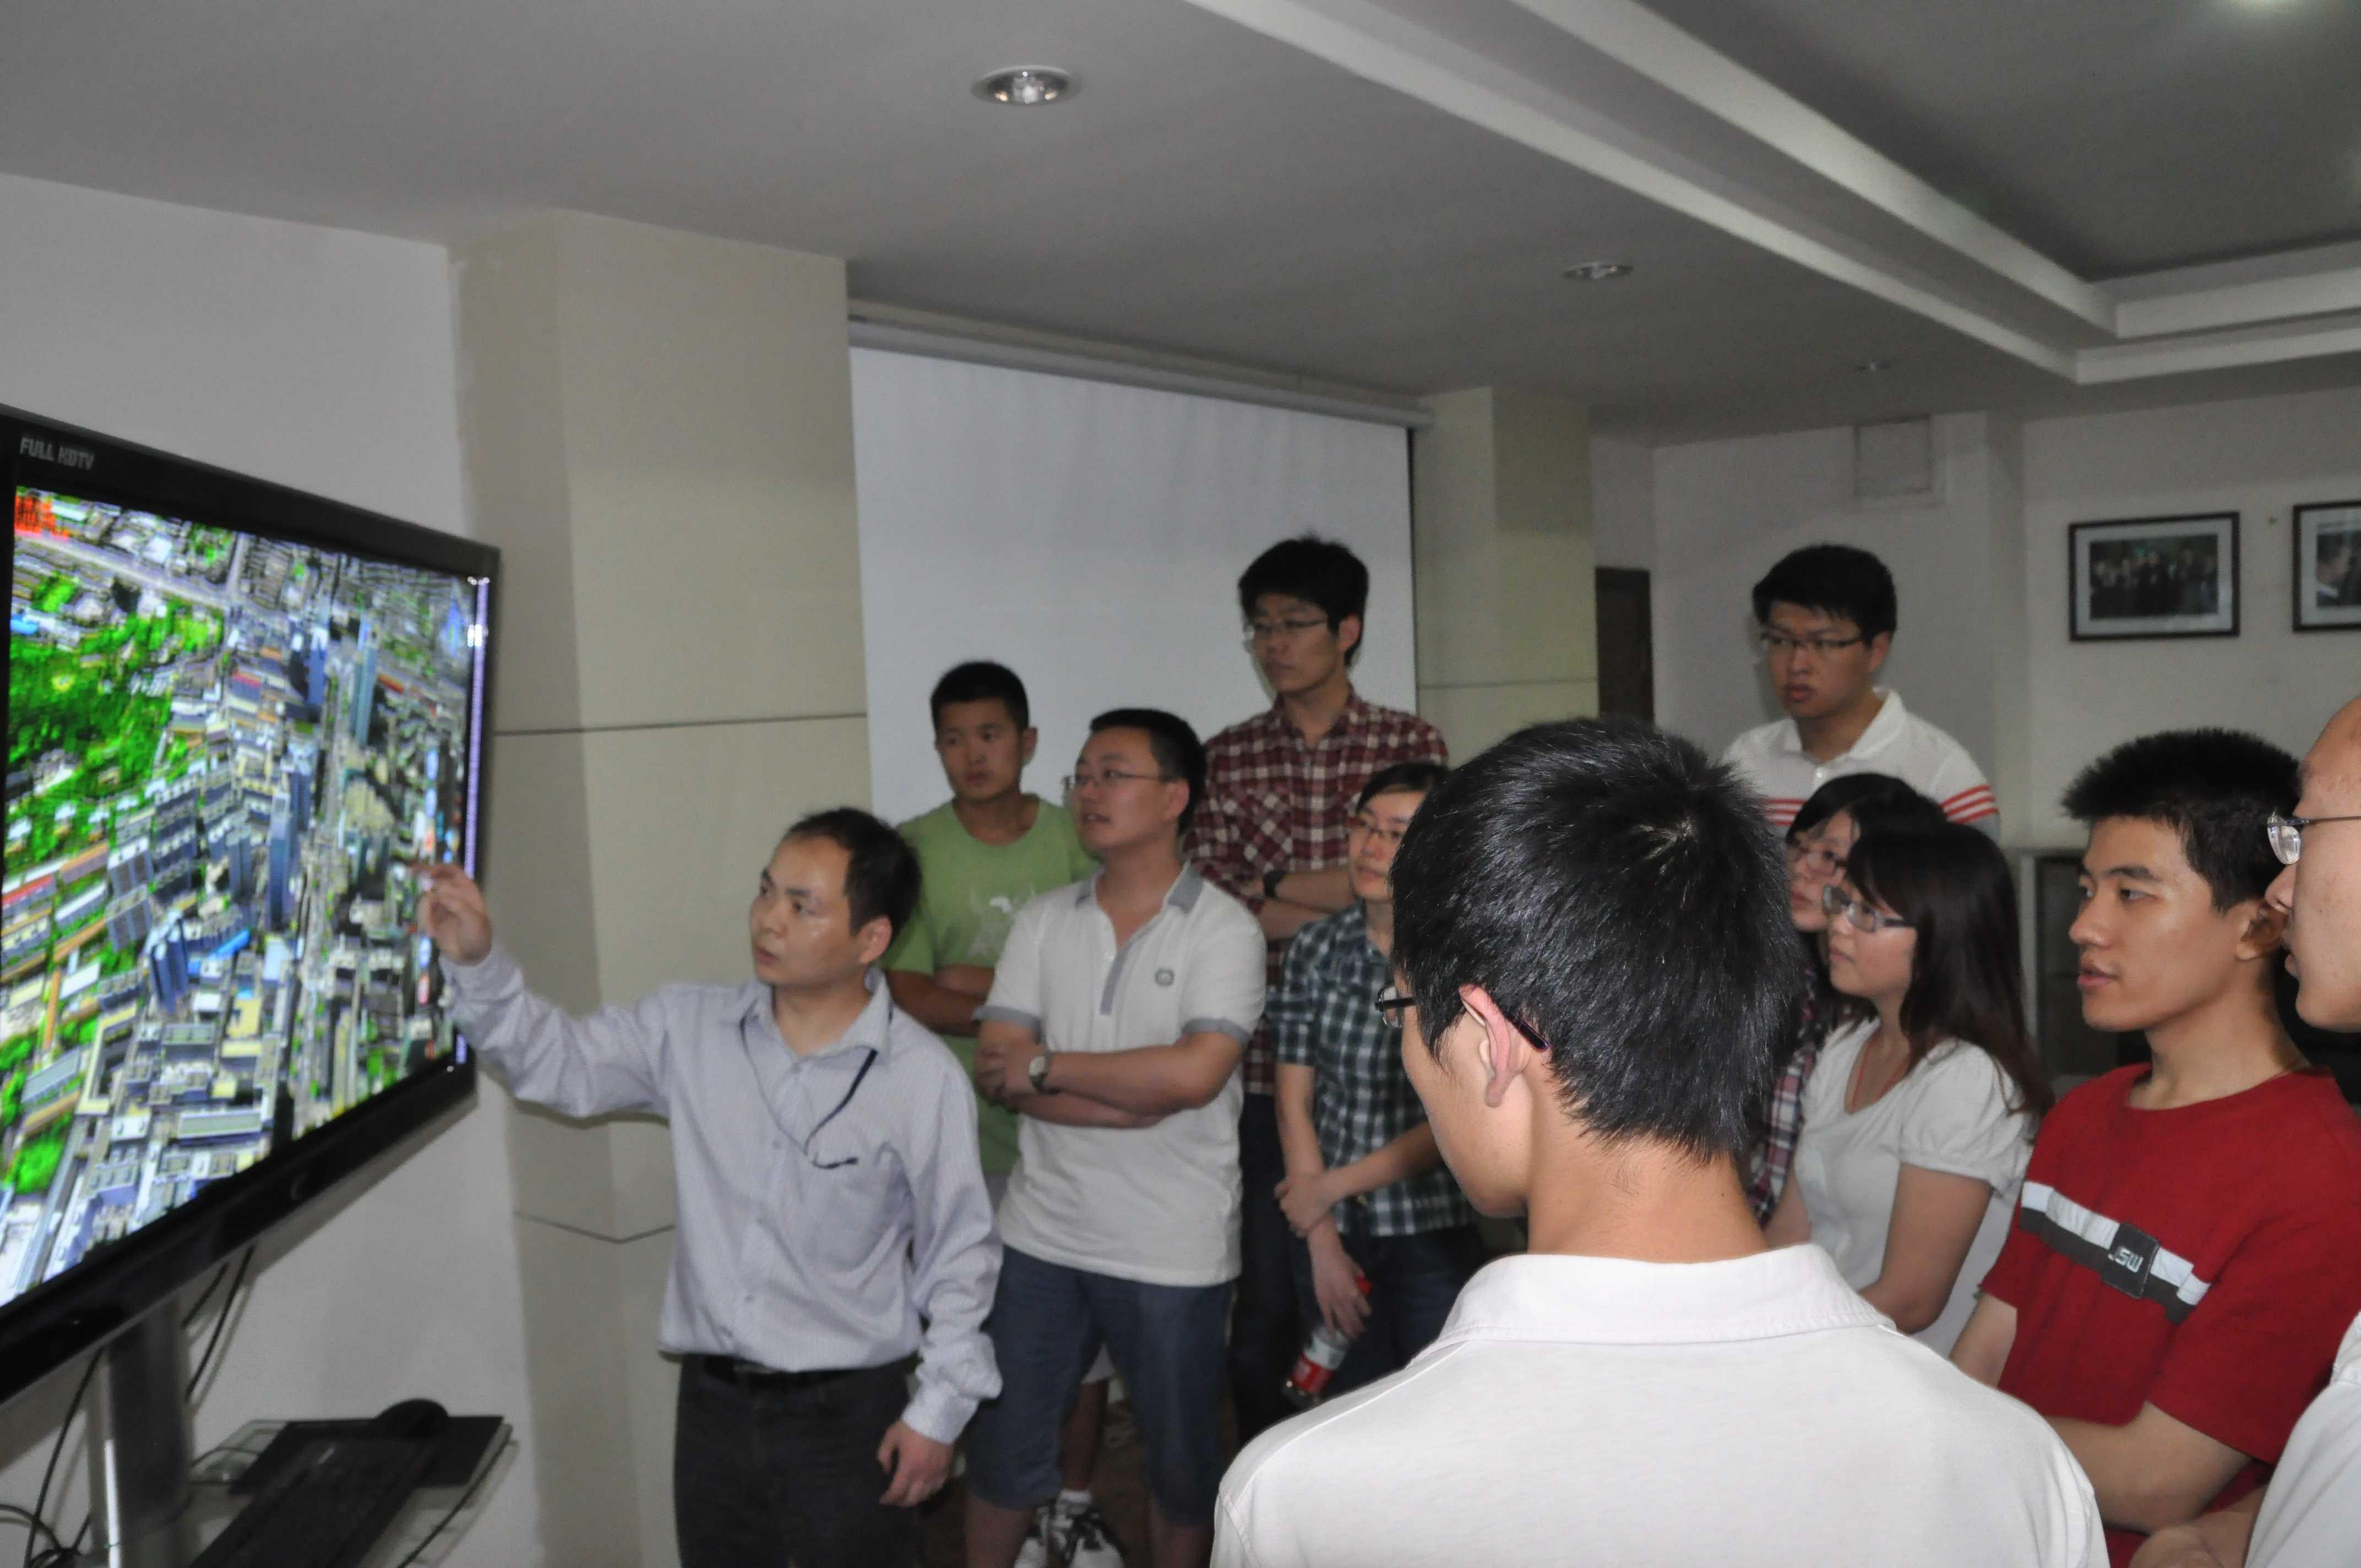 岛内大学20120525遥感学生074